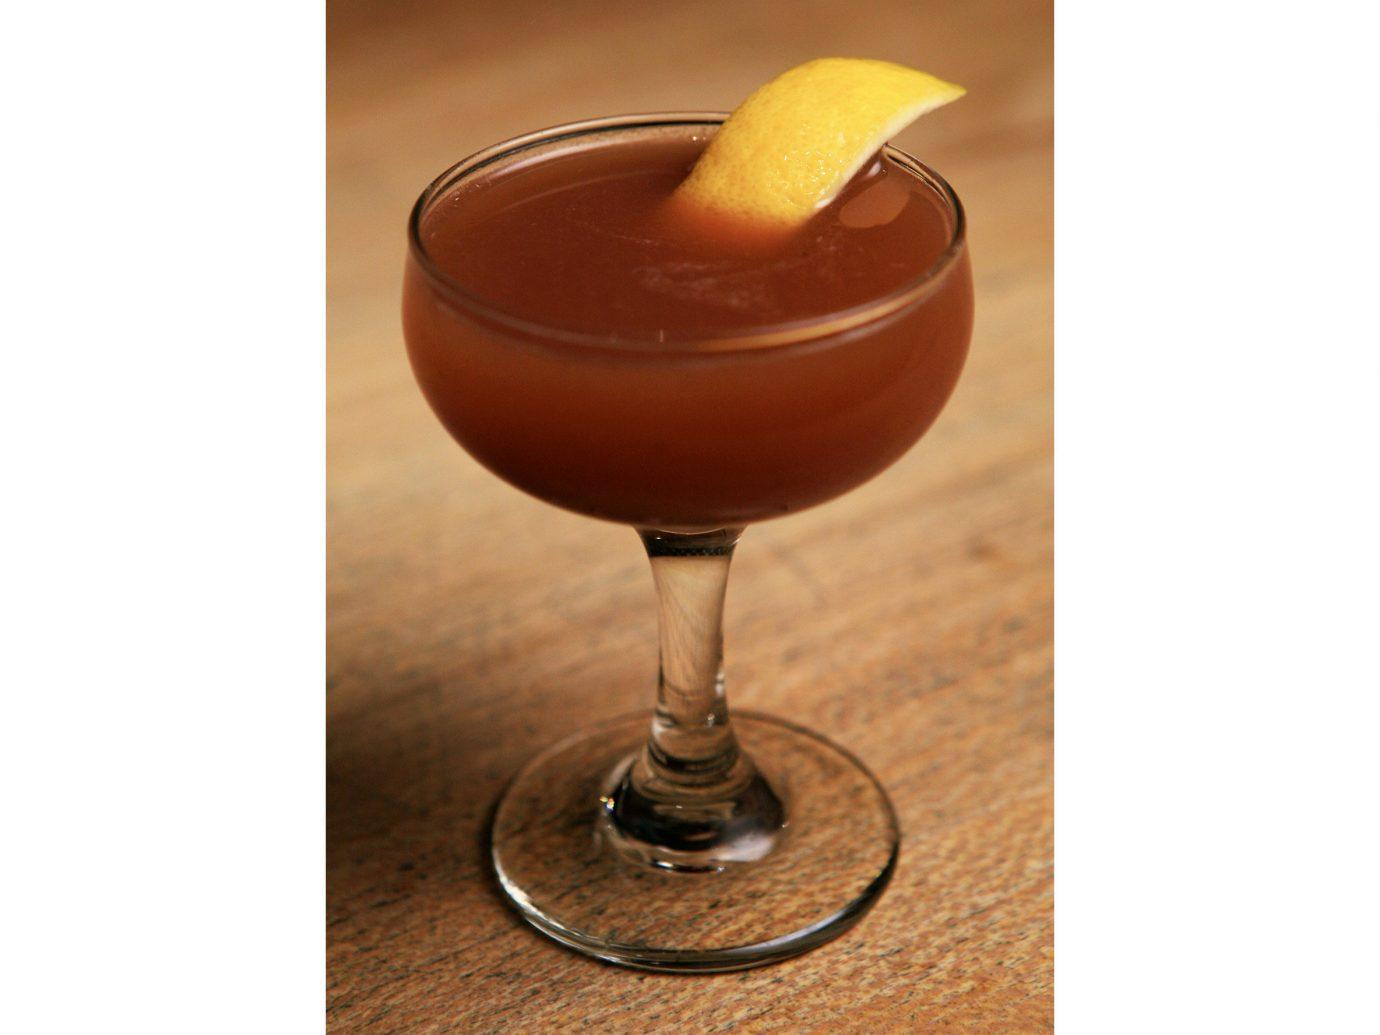 Food + Drink indoor Drink cocktail alcoholic beverage food distilled beverage produce liqueur glass